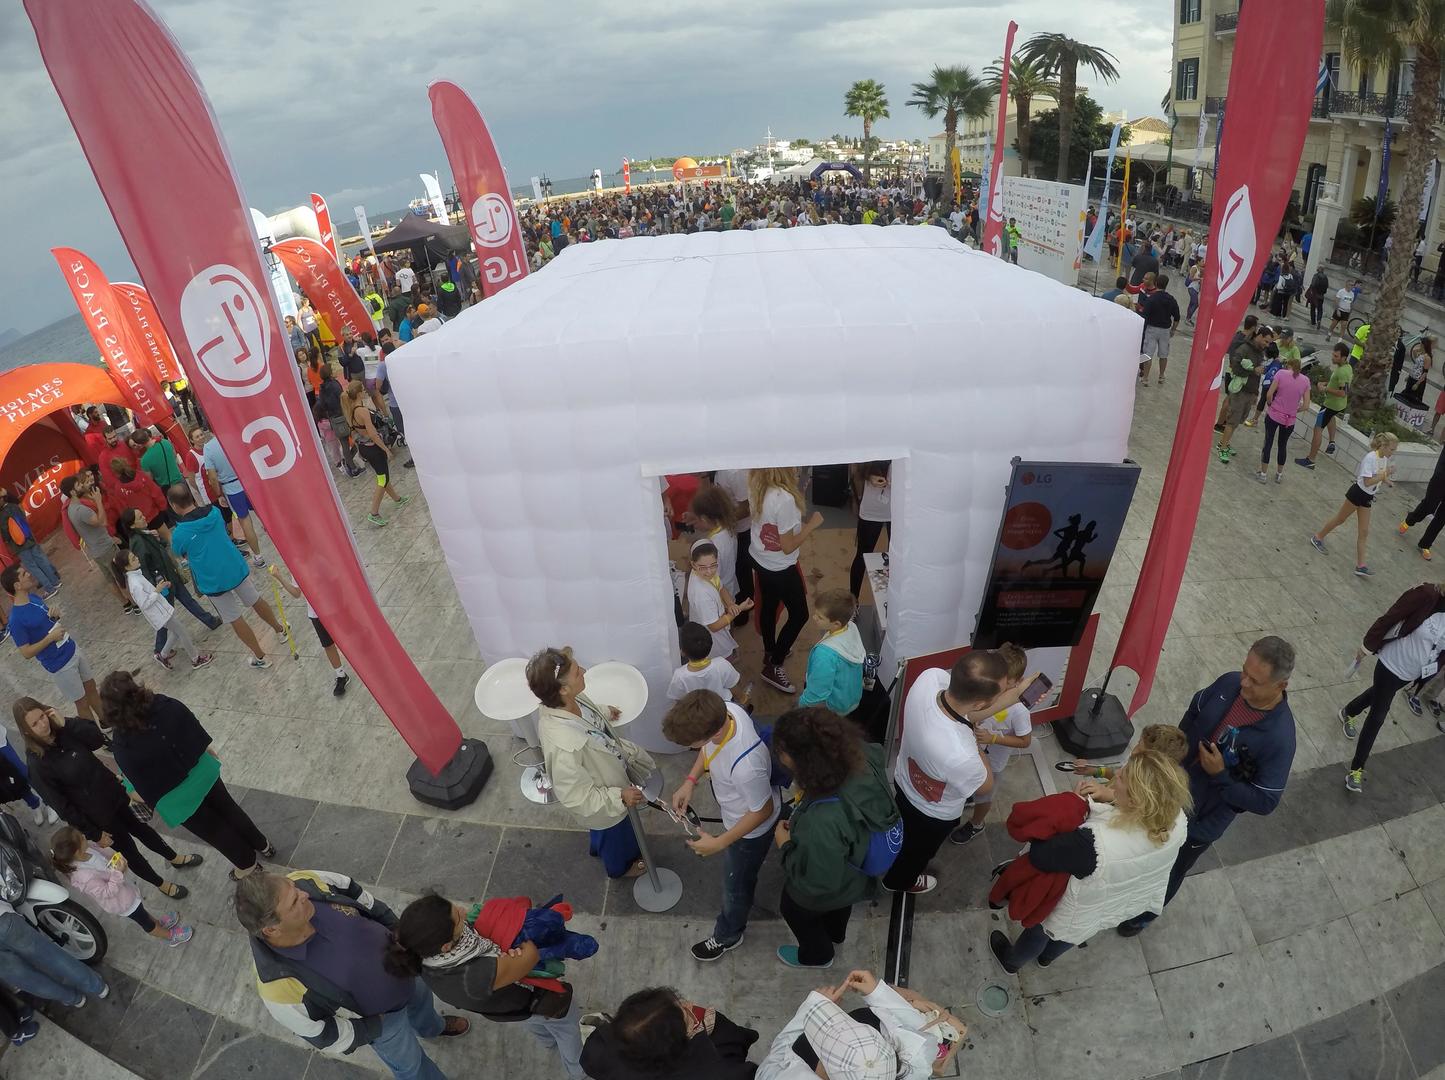 White Inflatable Kiosk